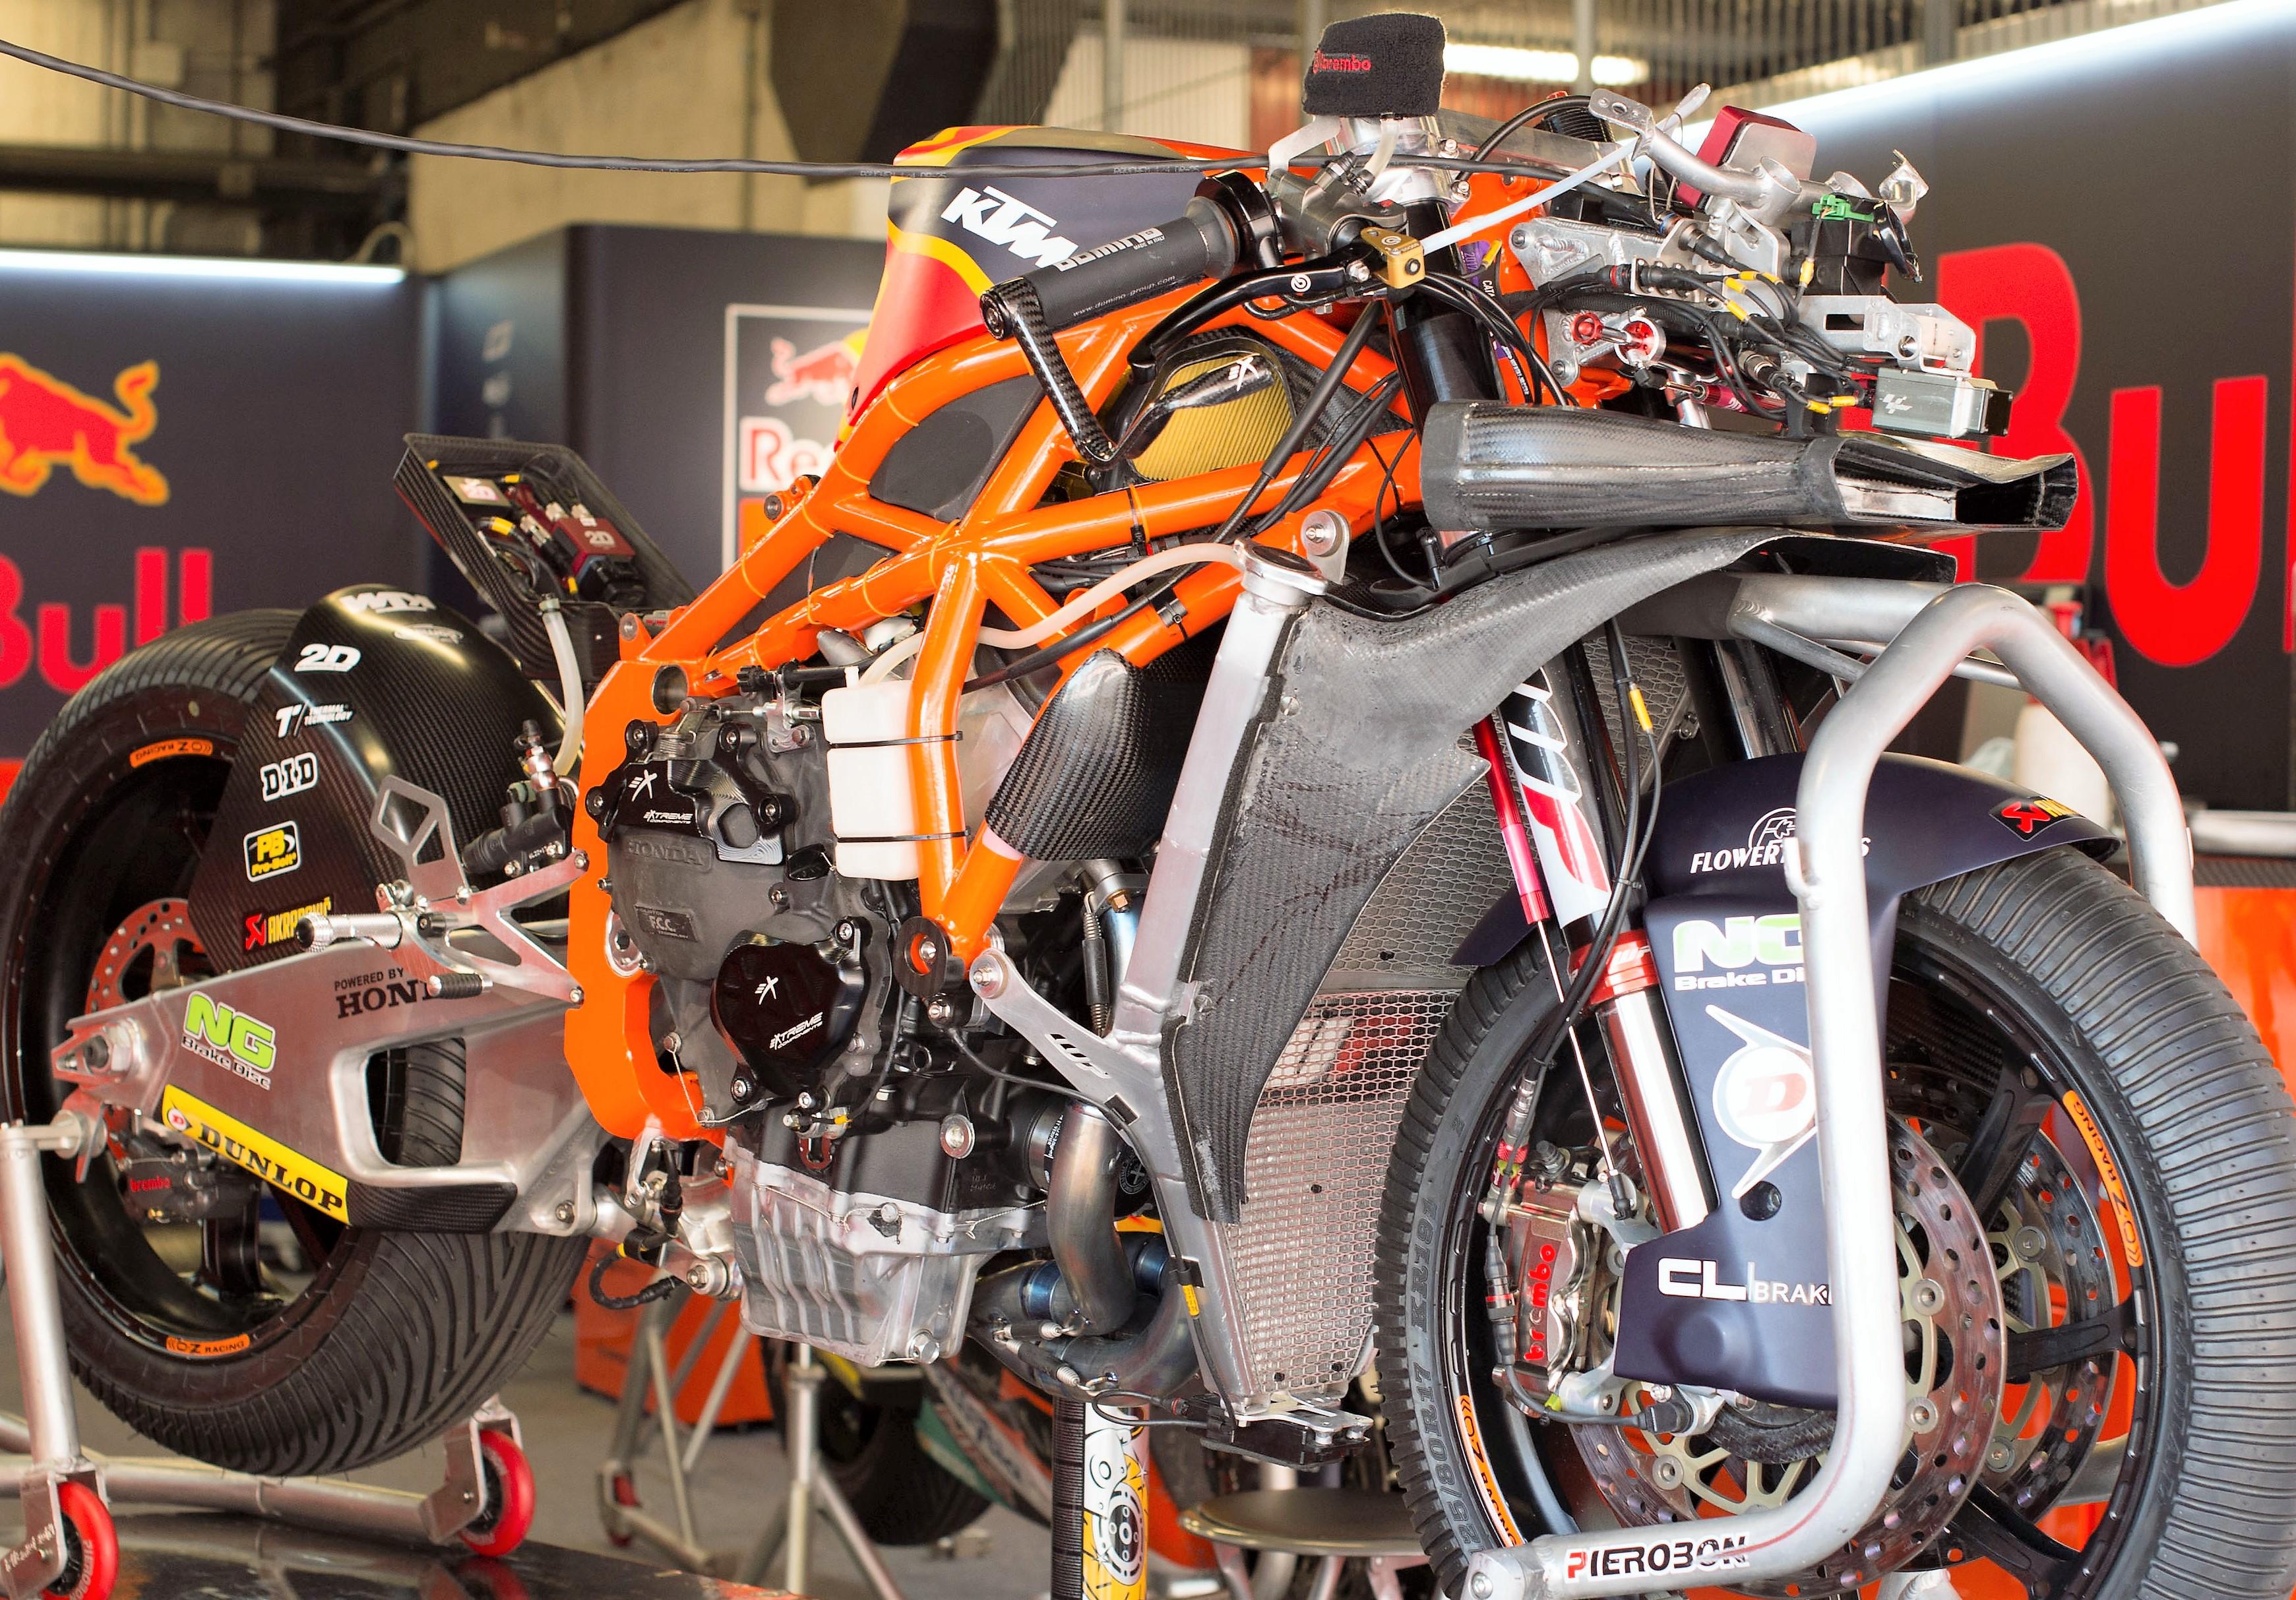 MotoGP: KTM chassis for Sam Lowes in Moto2? | News | Crash